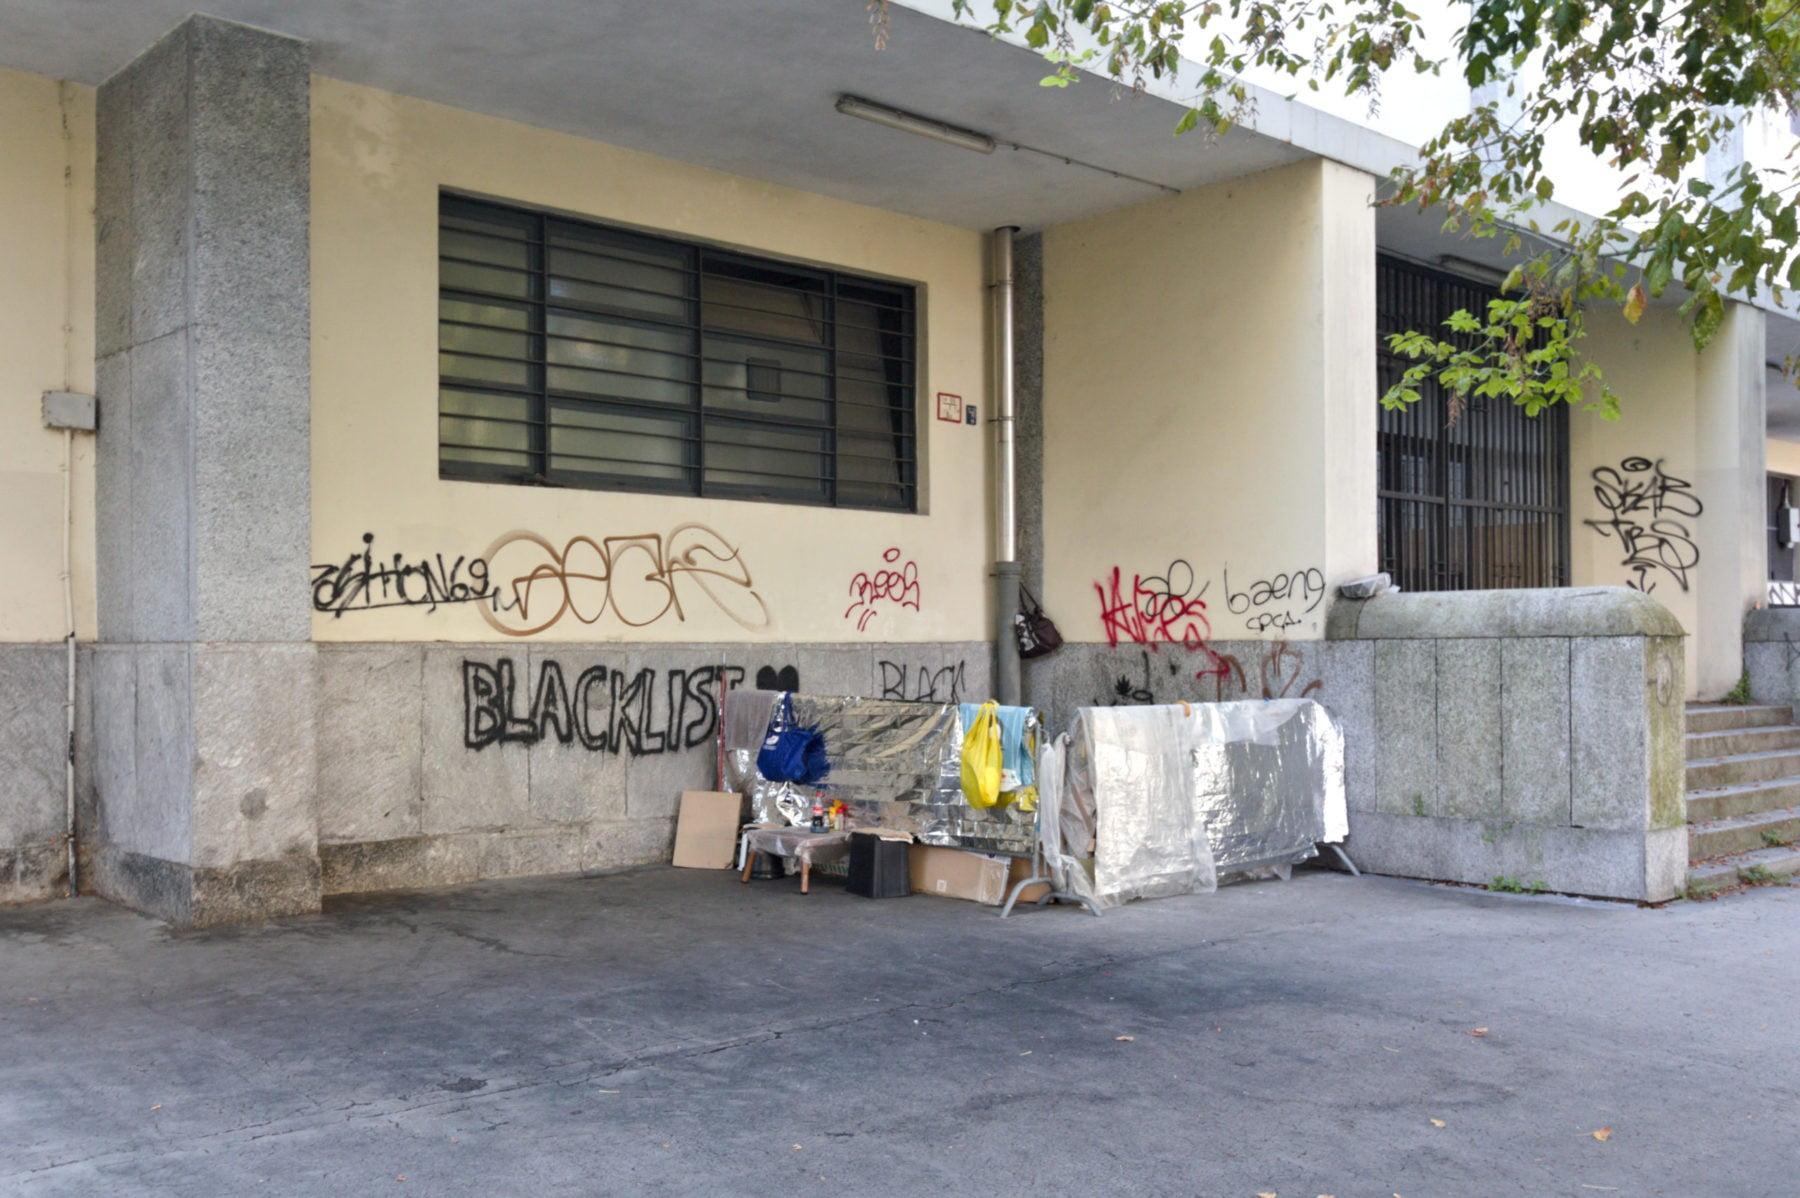 milano citylife - Milano tra lusso e degrado 16/01/2021